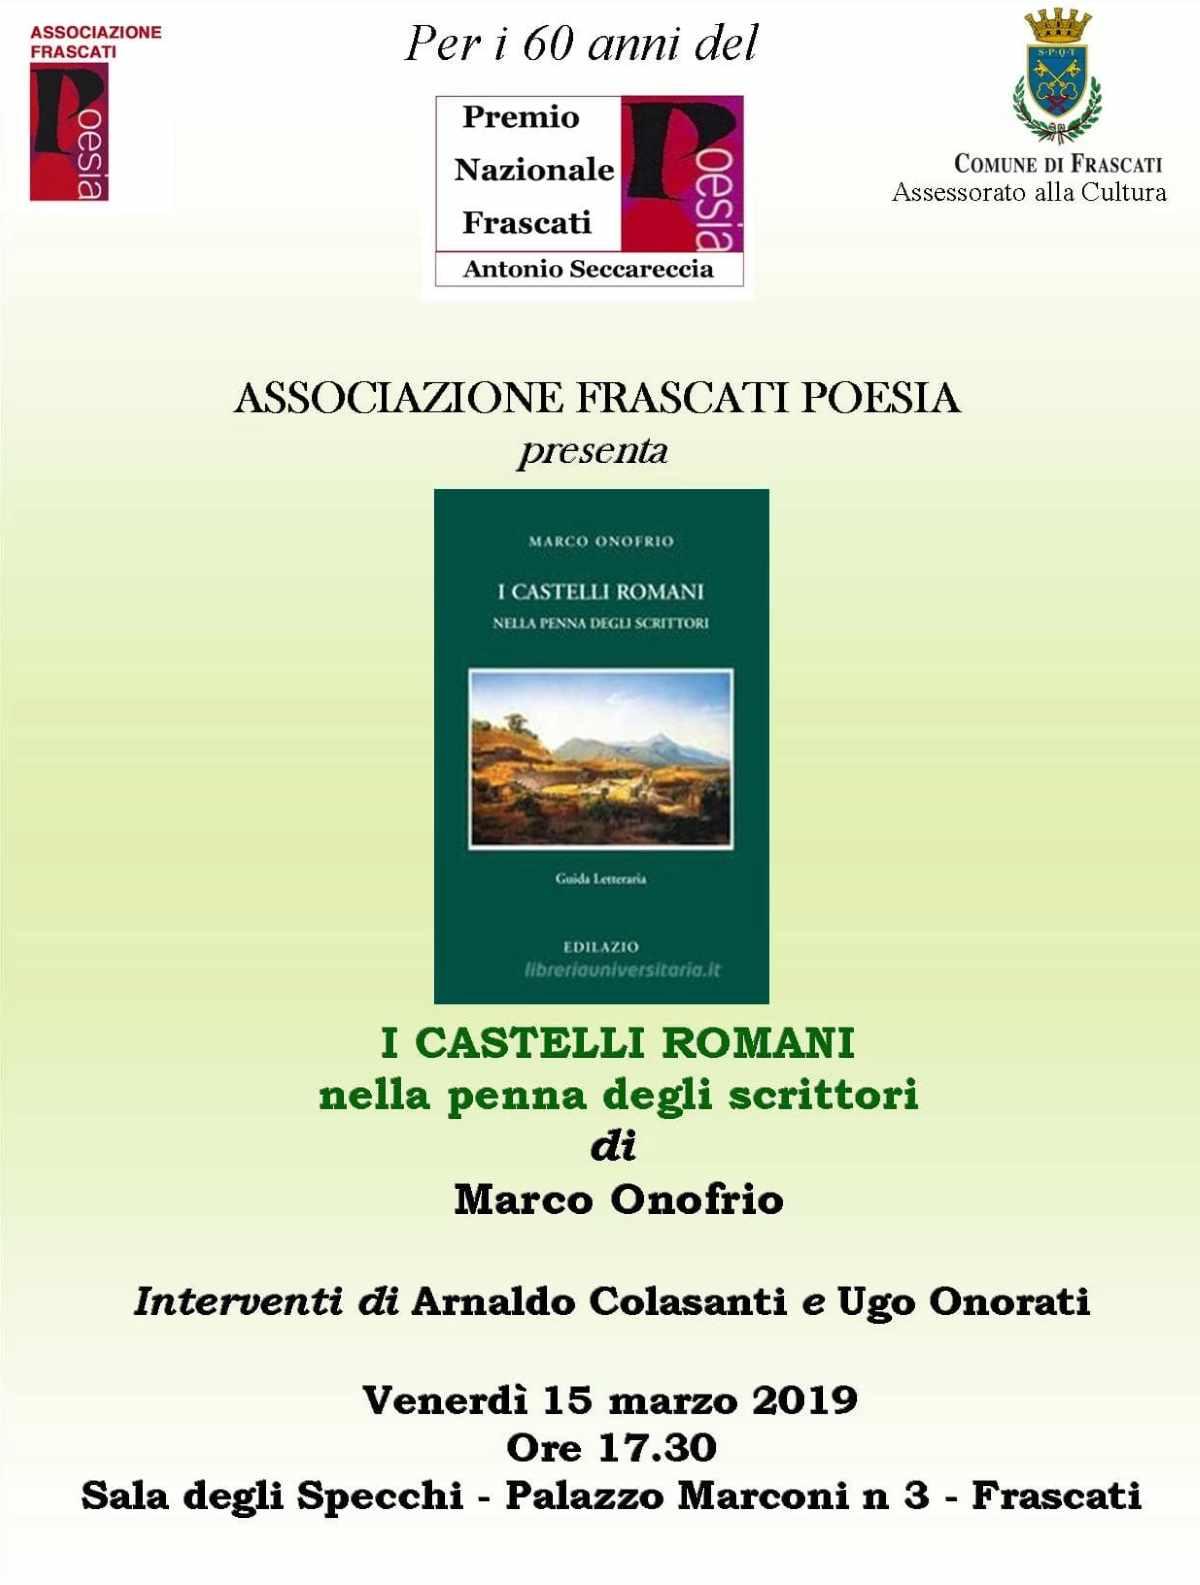 """Frascati Poesia presenta: """"I Castelli Romani nella penna degli scrittori"""""""